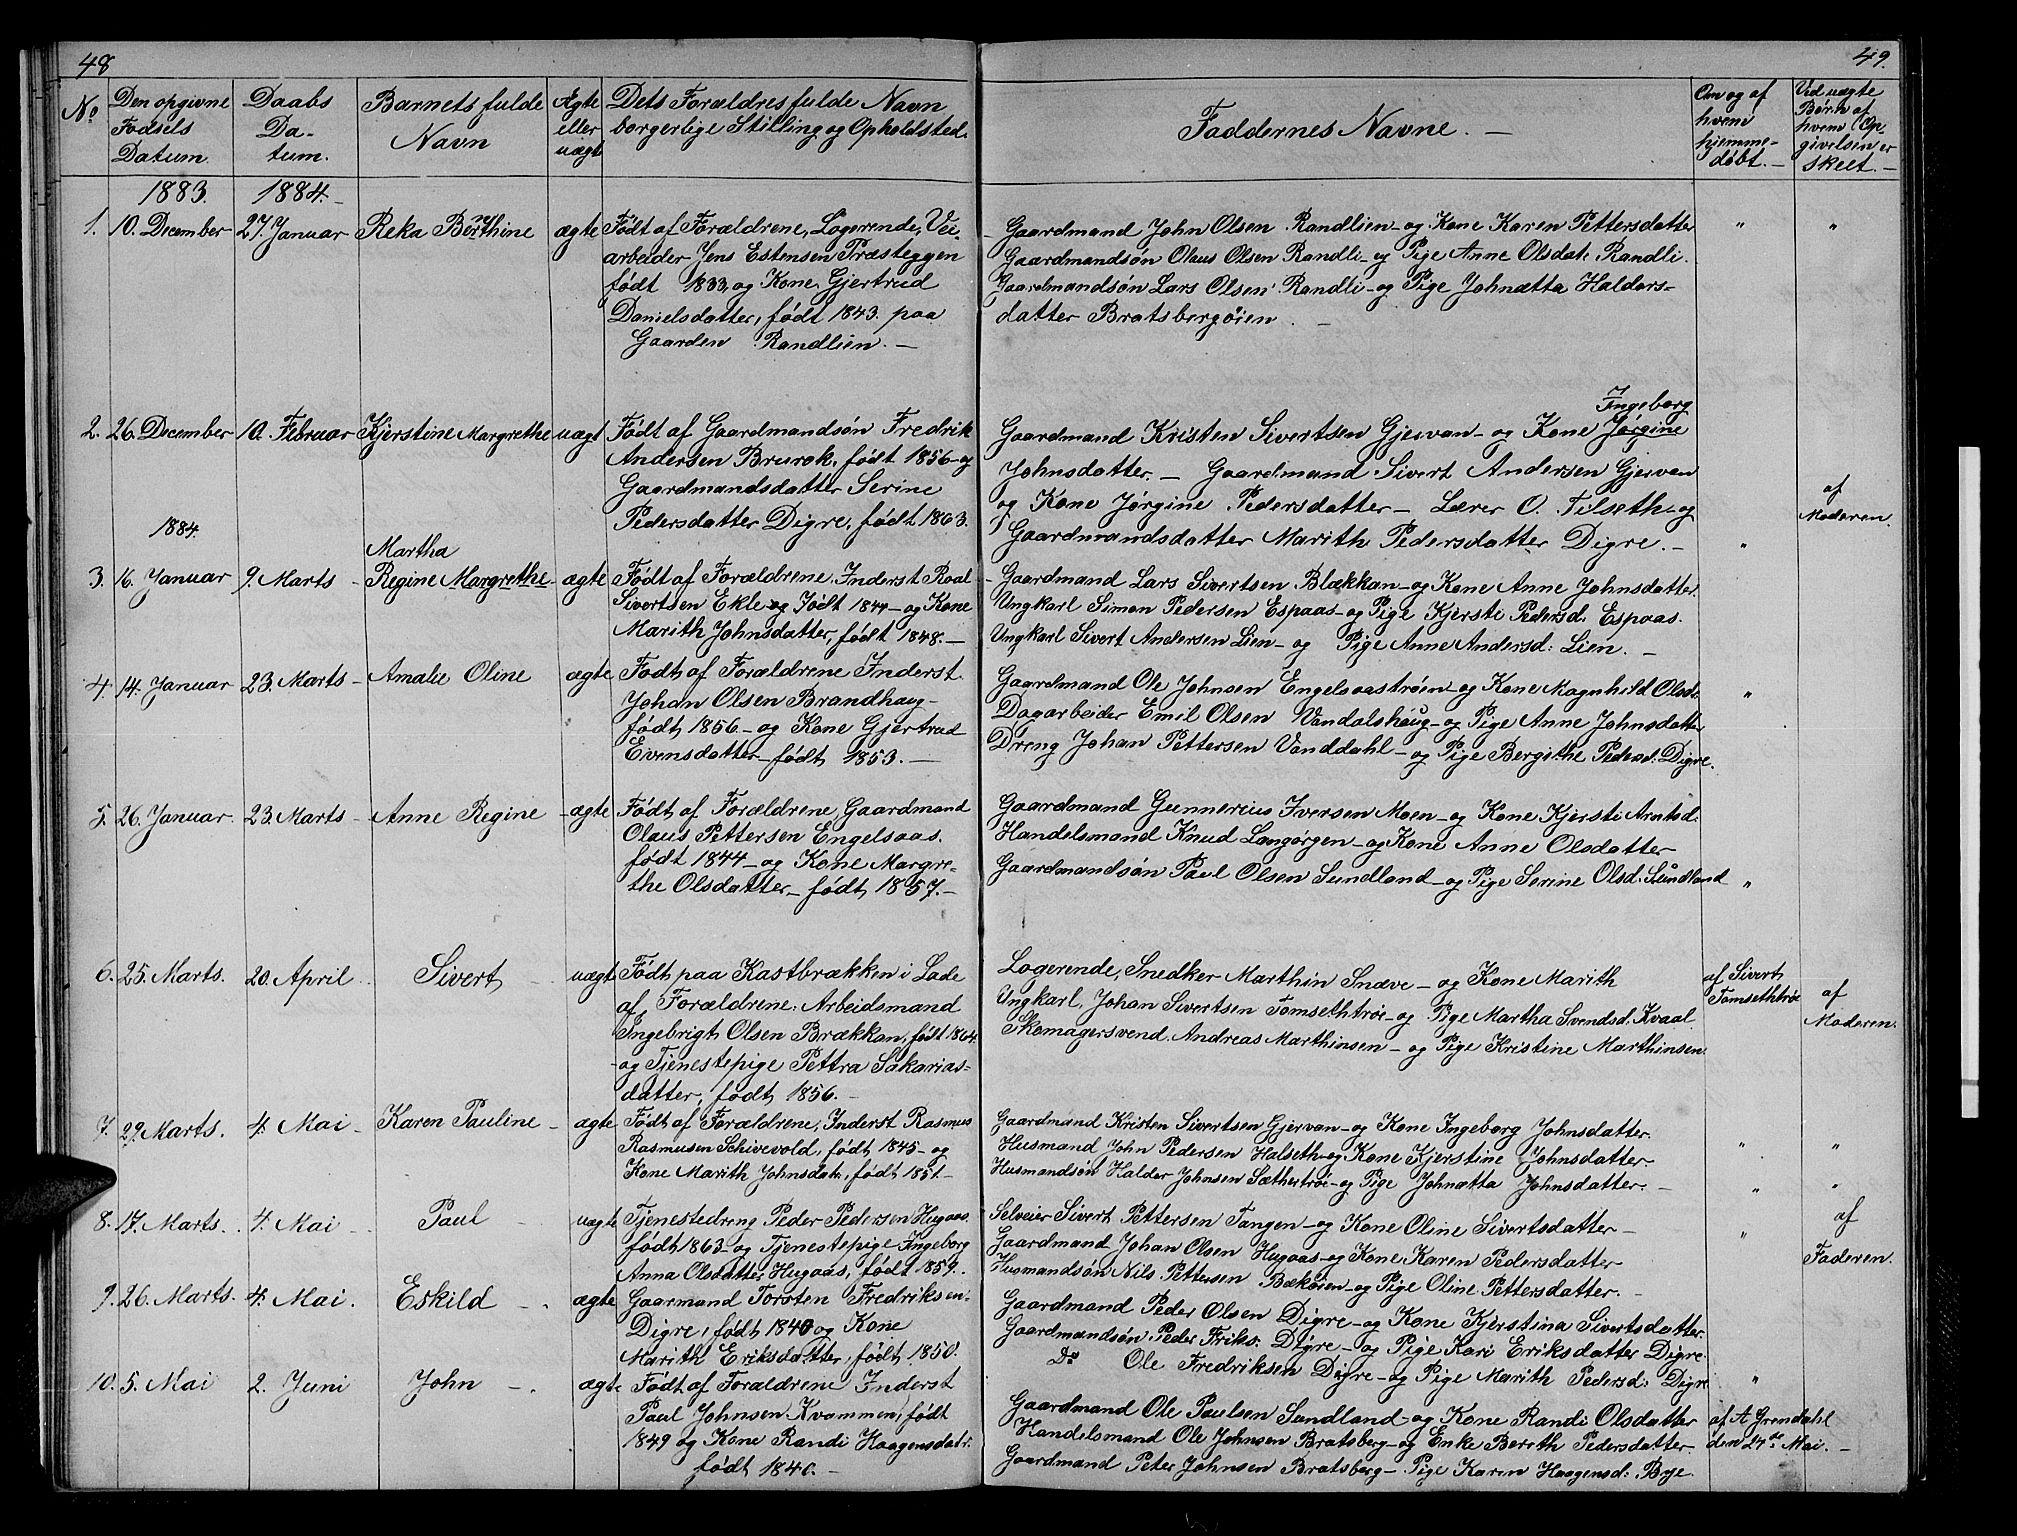 SAT, Ministerialprotokoller, klokkerbøker og fødselsregistre - Sør-Trøndelag, 608/L0340: Klokkerbok nr. 608C06, 1864-1889, s. 48-49